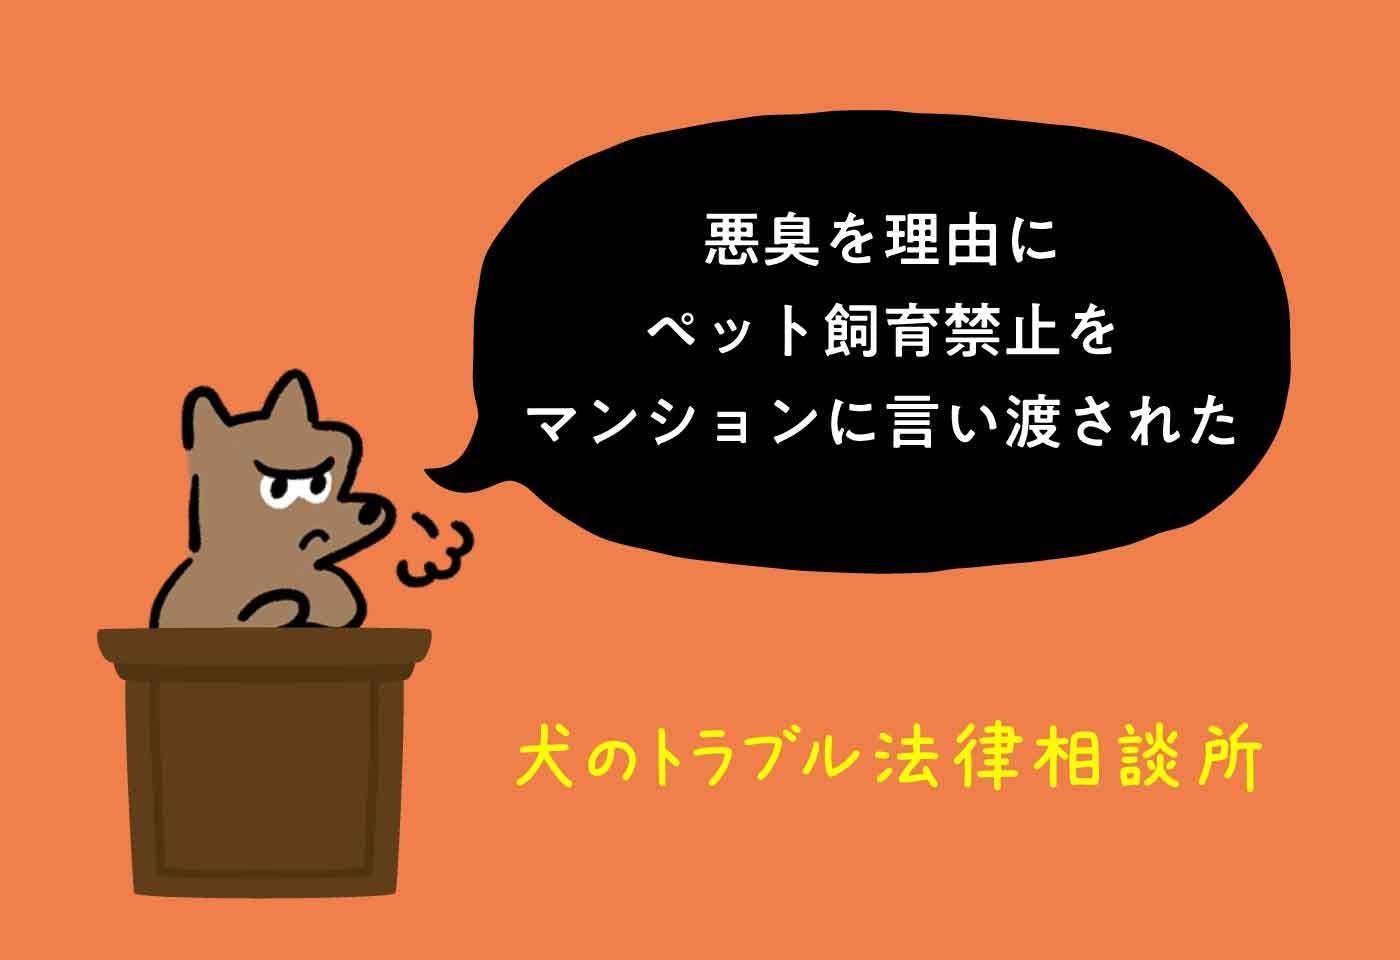 【トラブル】糞尿の悪臭を理由にペット飼育禁止をマンションの管理組合から言い渡された!